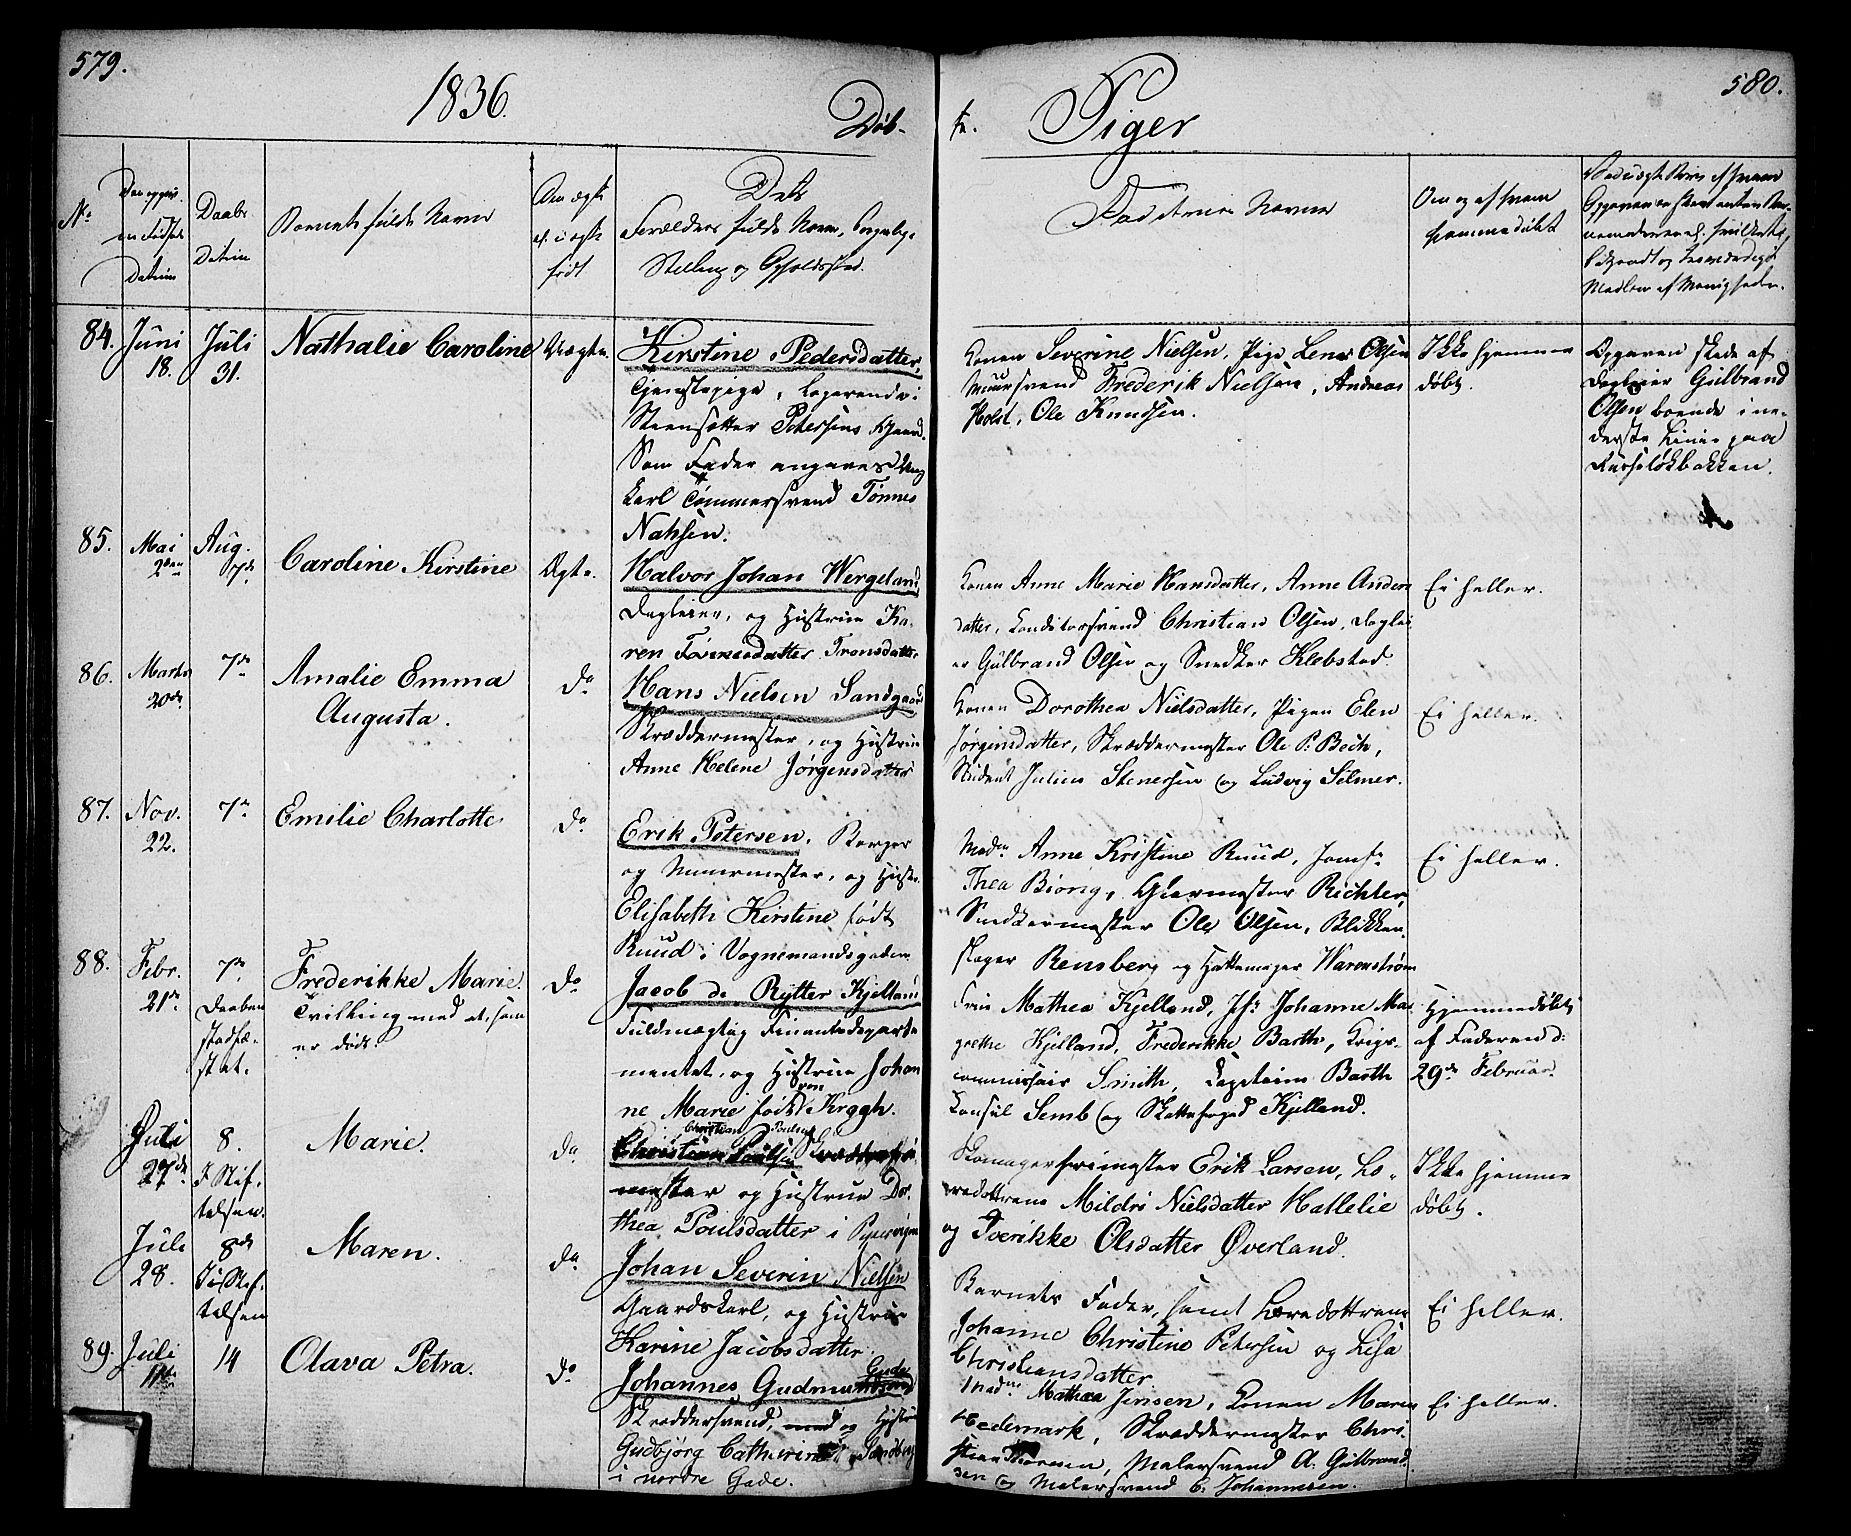 SAO, Oslo domkirke Kirkebøker, F/Fa/L0011: Ministerialbok nr. 11, 1830-1836, s. 579-580